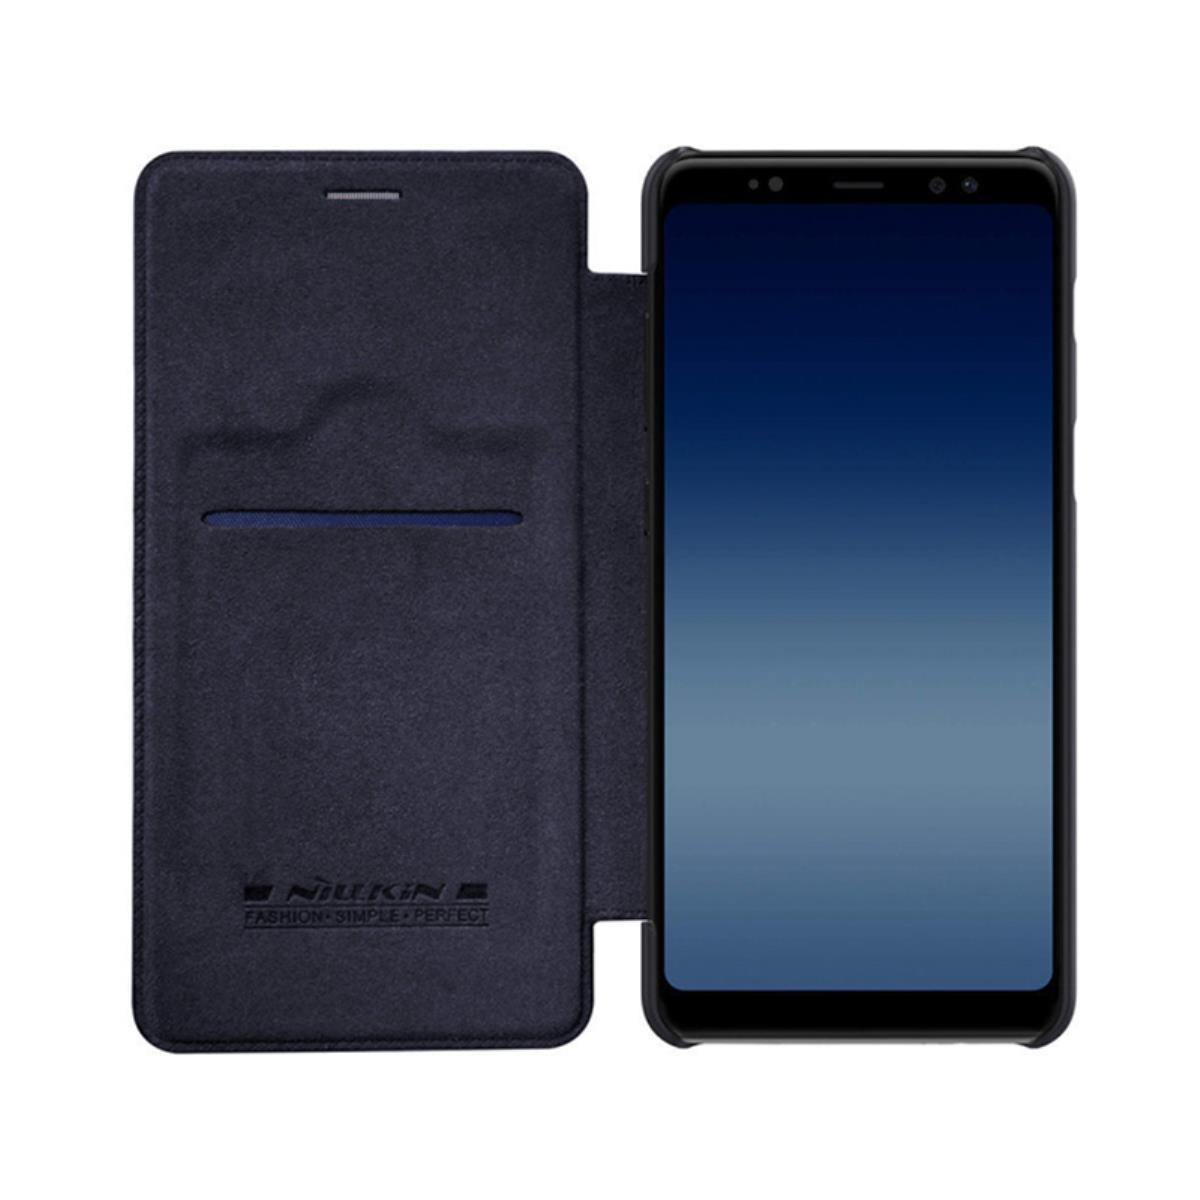 IPHONE 7 PLUS 128GB/3GB BLACK